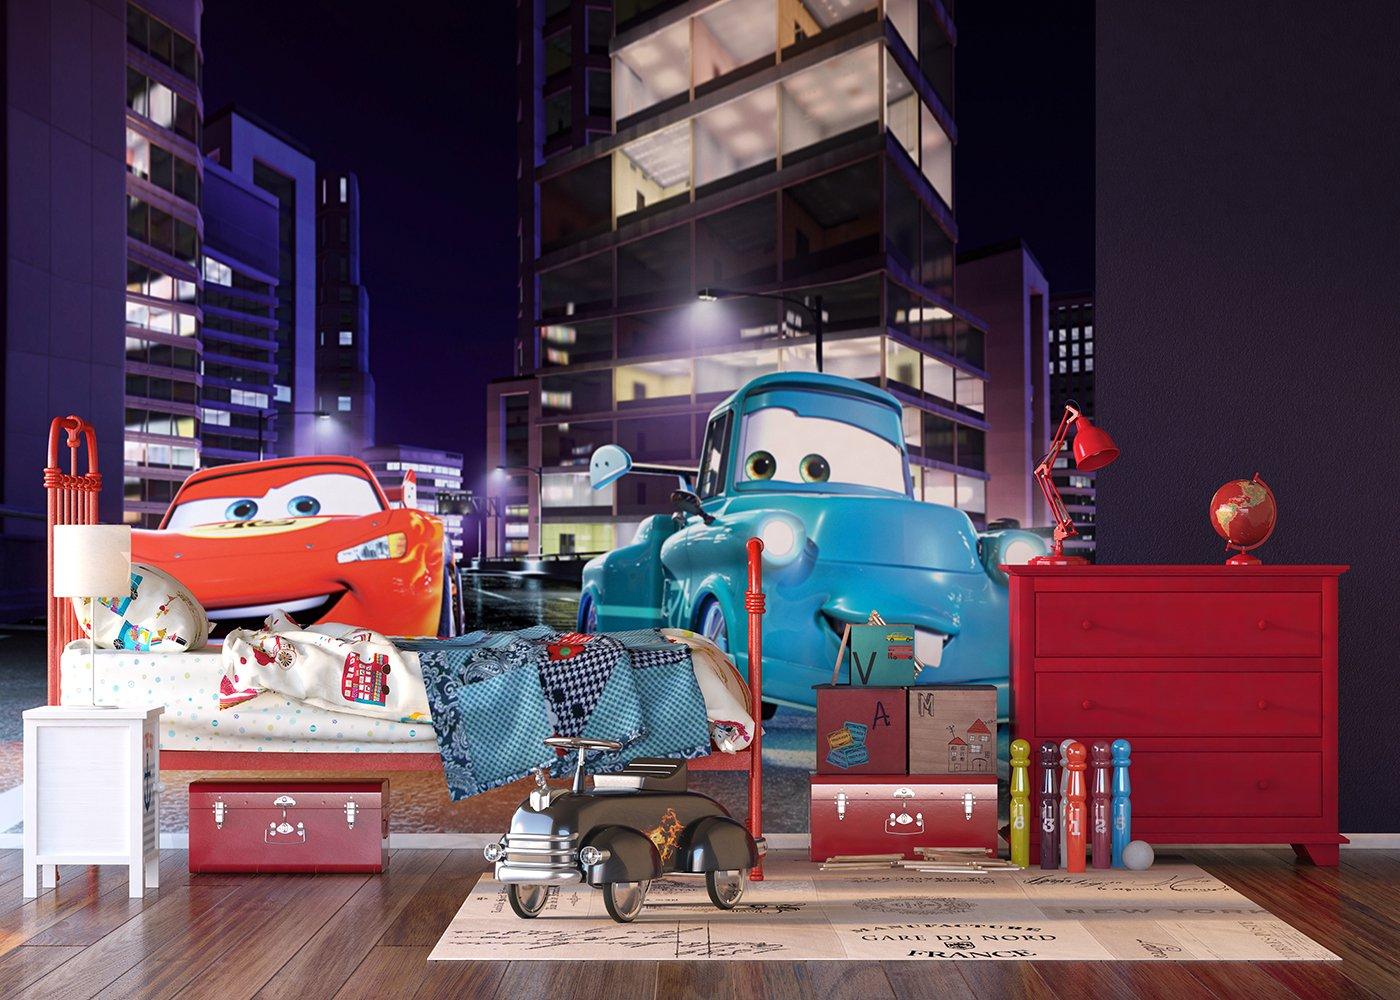 AG Design FTDXXL 0245 Cars Disney, Papier Fototapete Kinderzimmer- 360x255 cm - 4 Teile, Papier, Multicolor, 0,1 x 360 x 255 cm